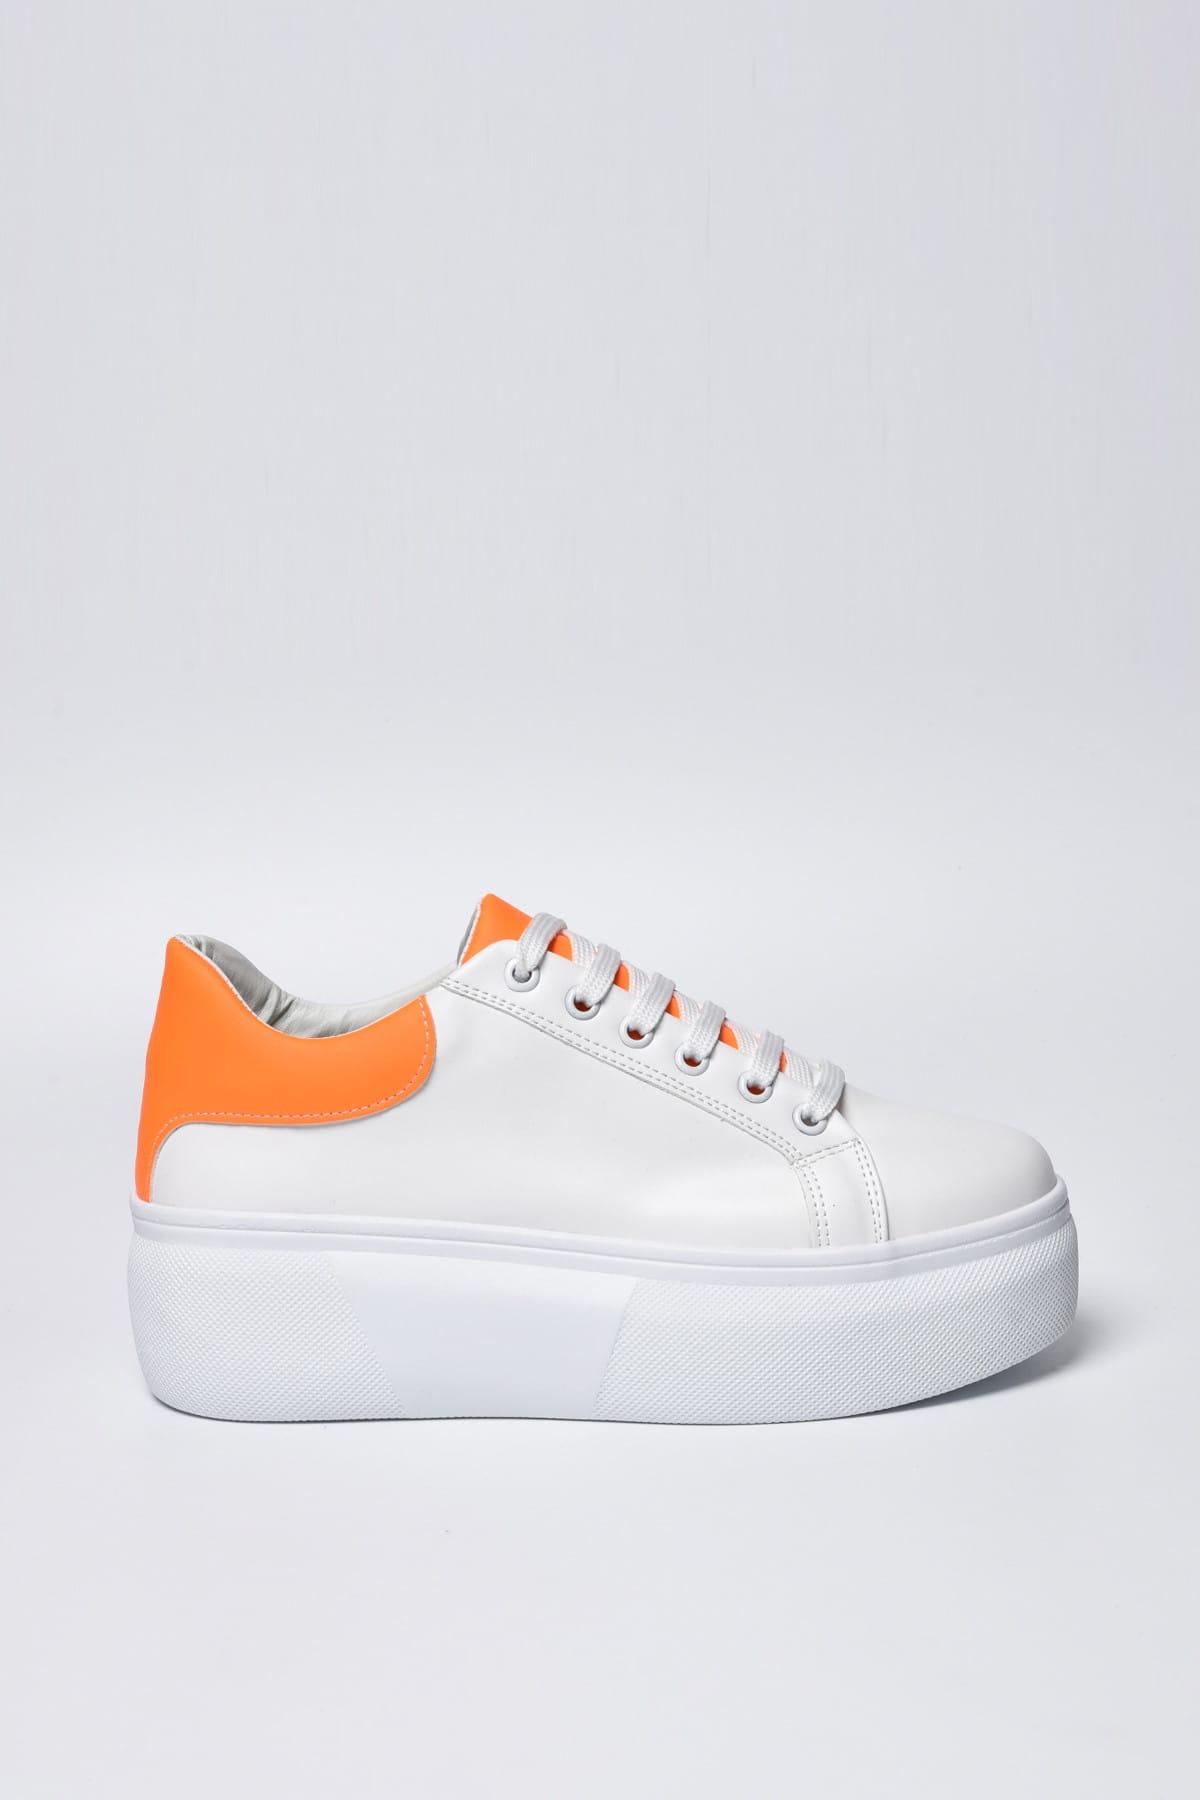 Jeep Beyaz Turuncu Neon Kadın Spor Ayakkabı 9Y2SAJ0005 1